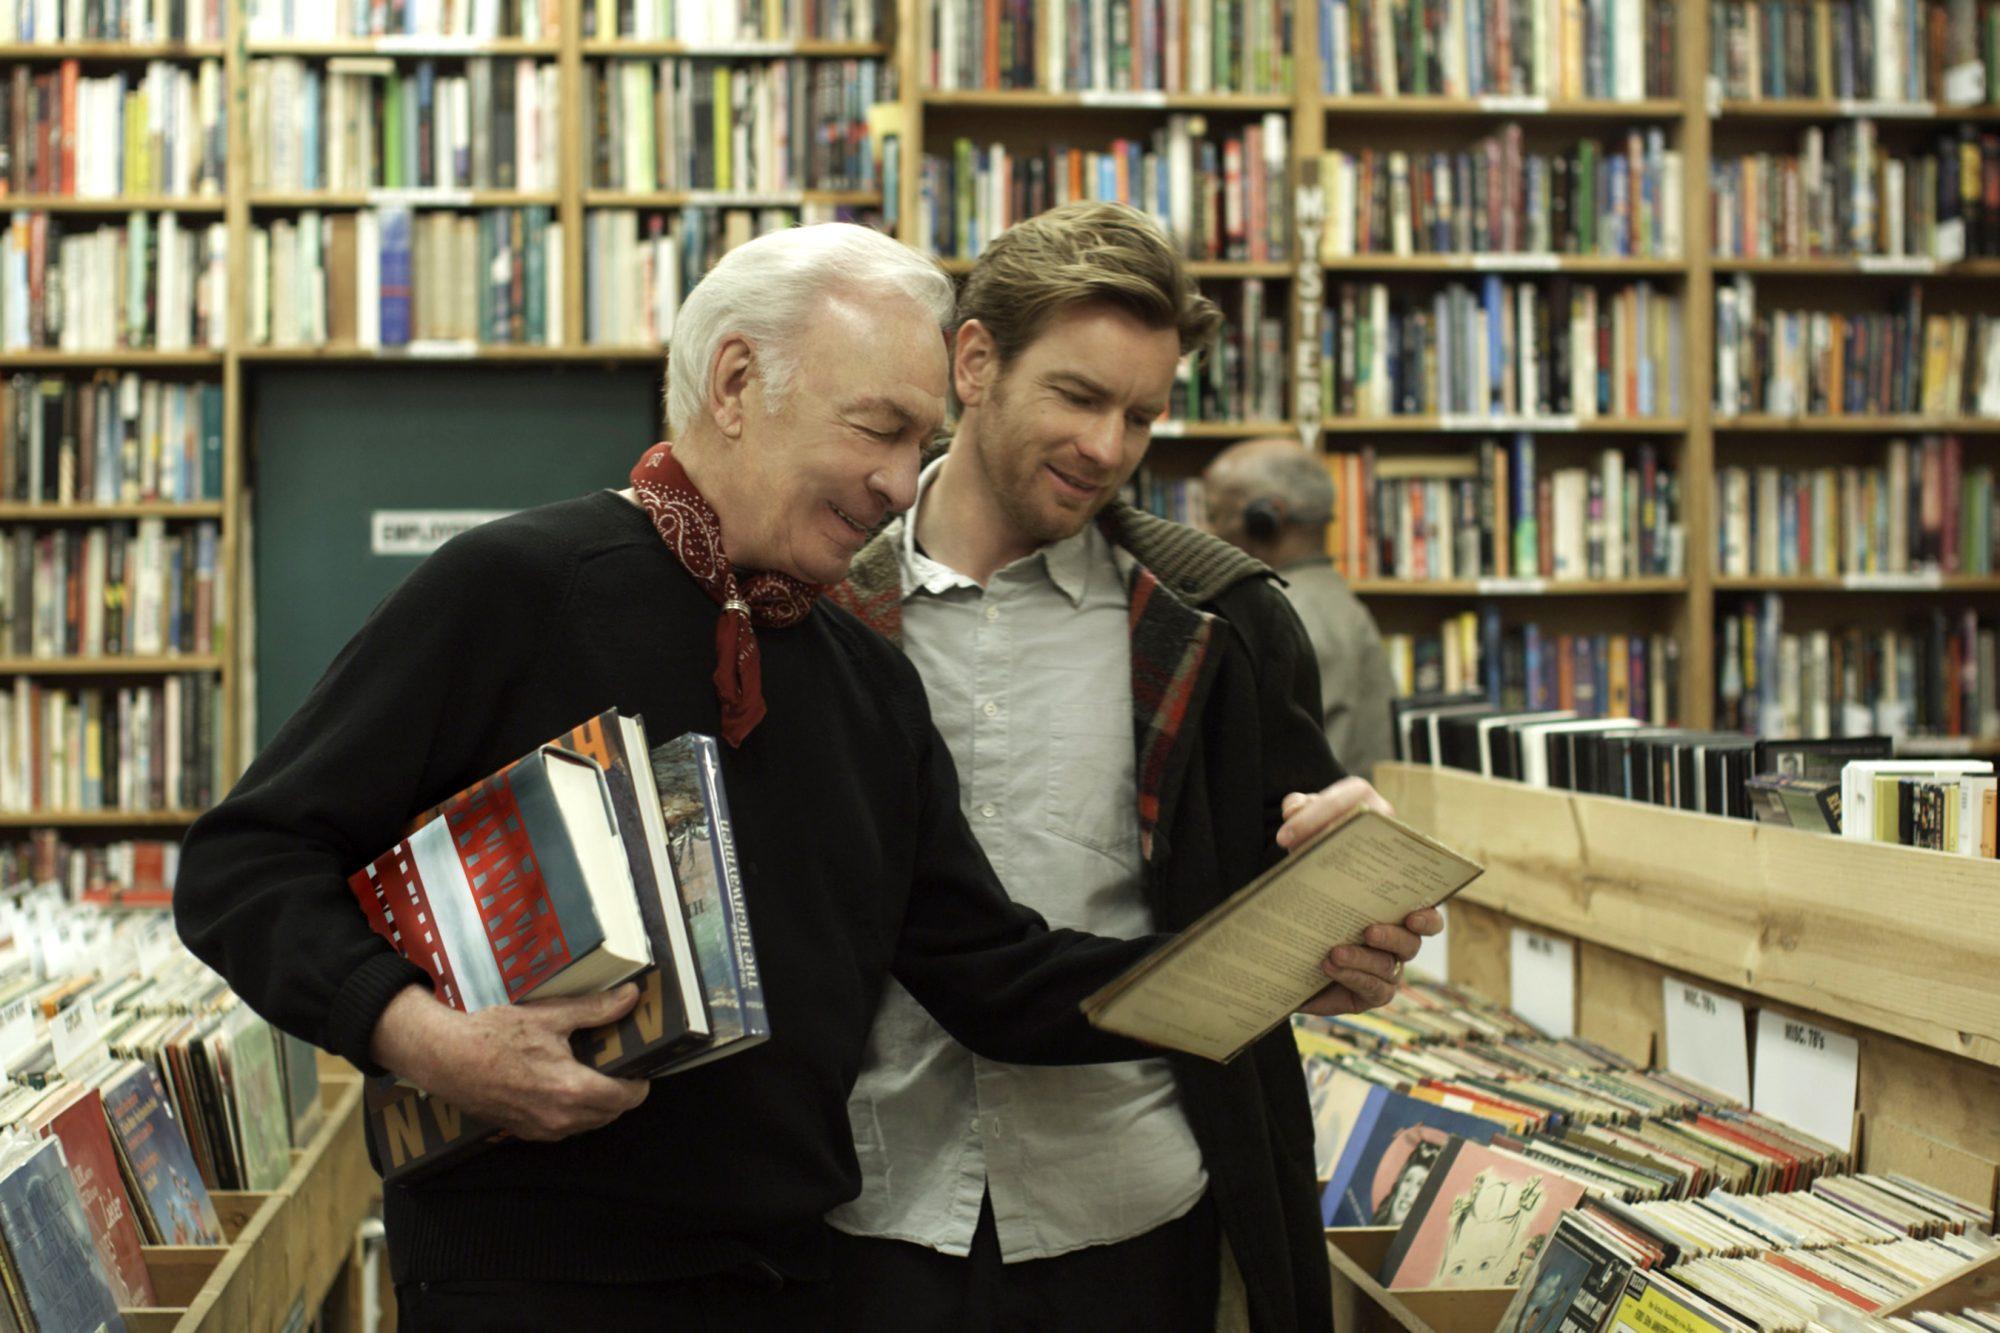 Beginners (2011)Christopher Plummer (left) and Ewan McGregor (right)